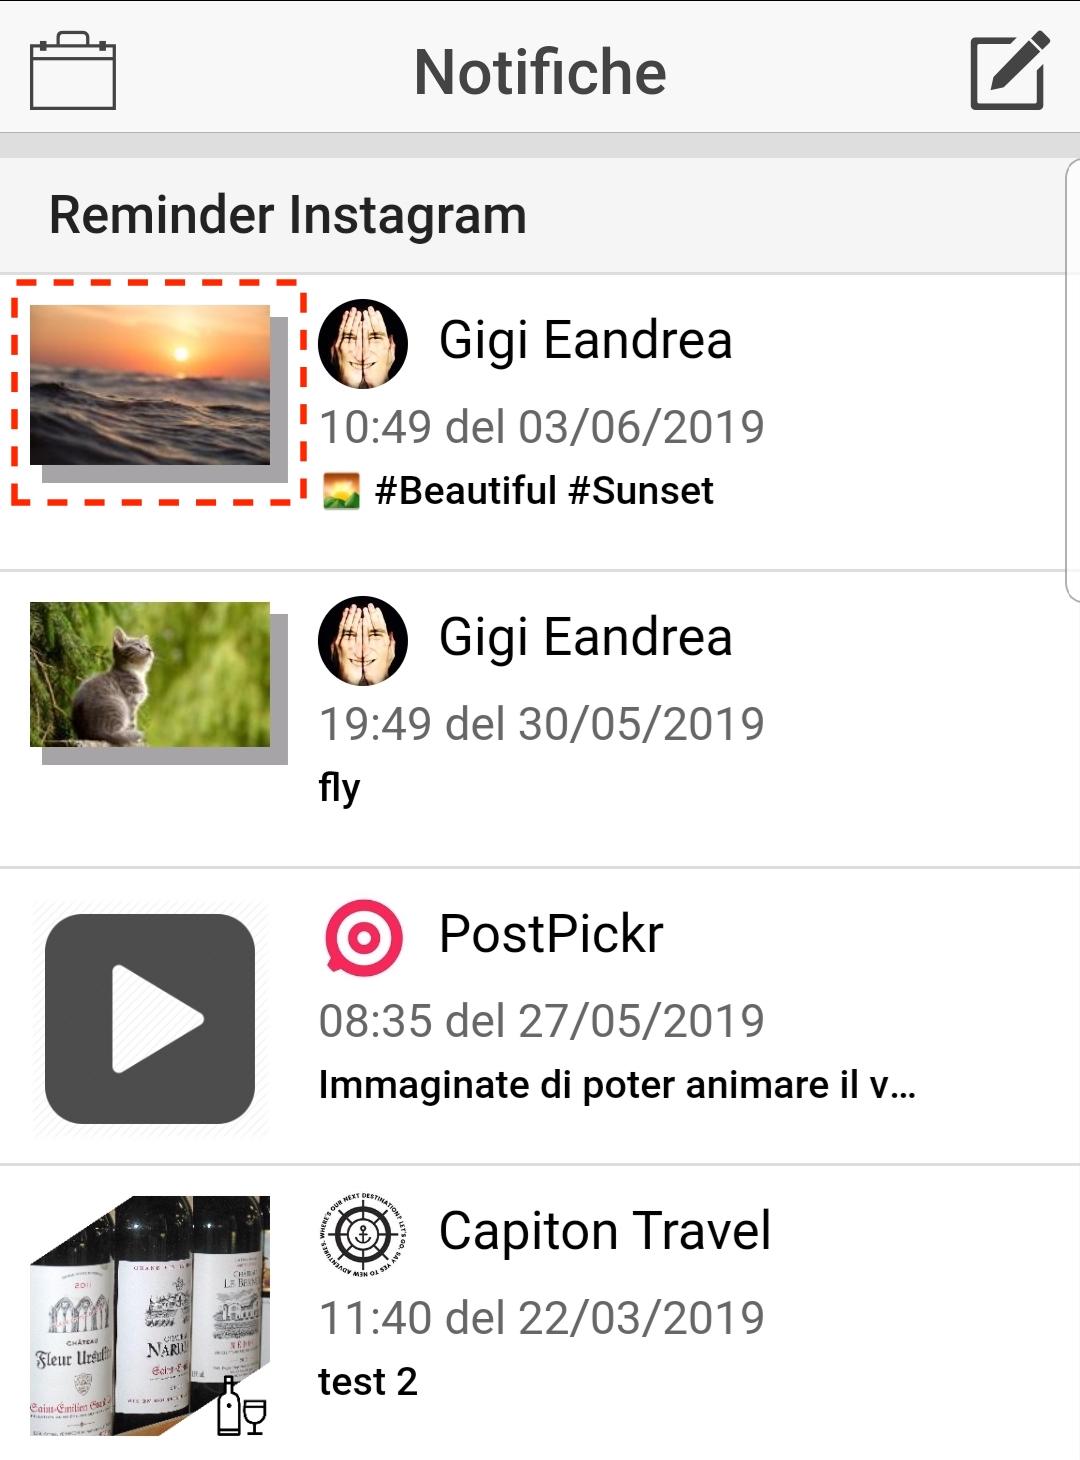 L'elenco dei reminder di pubblicazione su Instagram